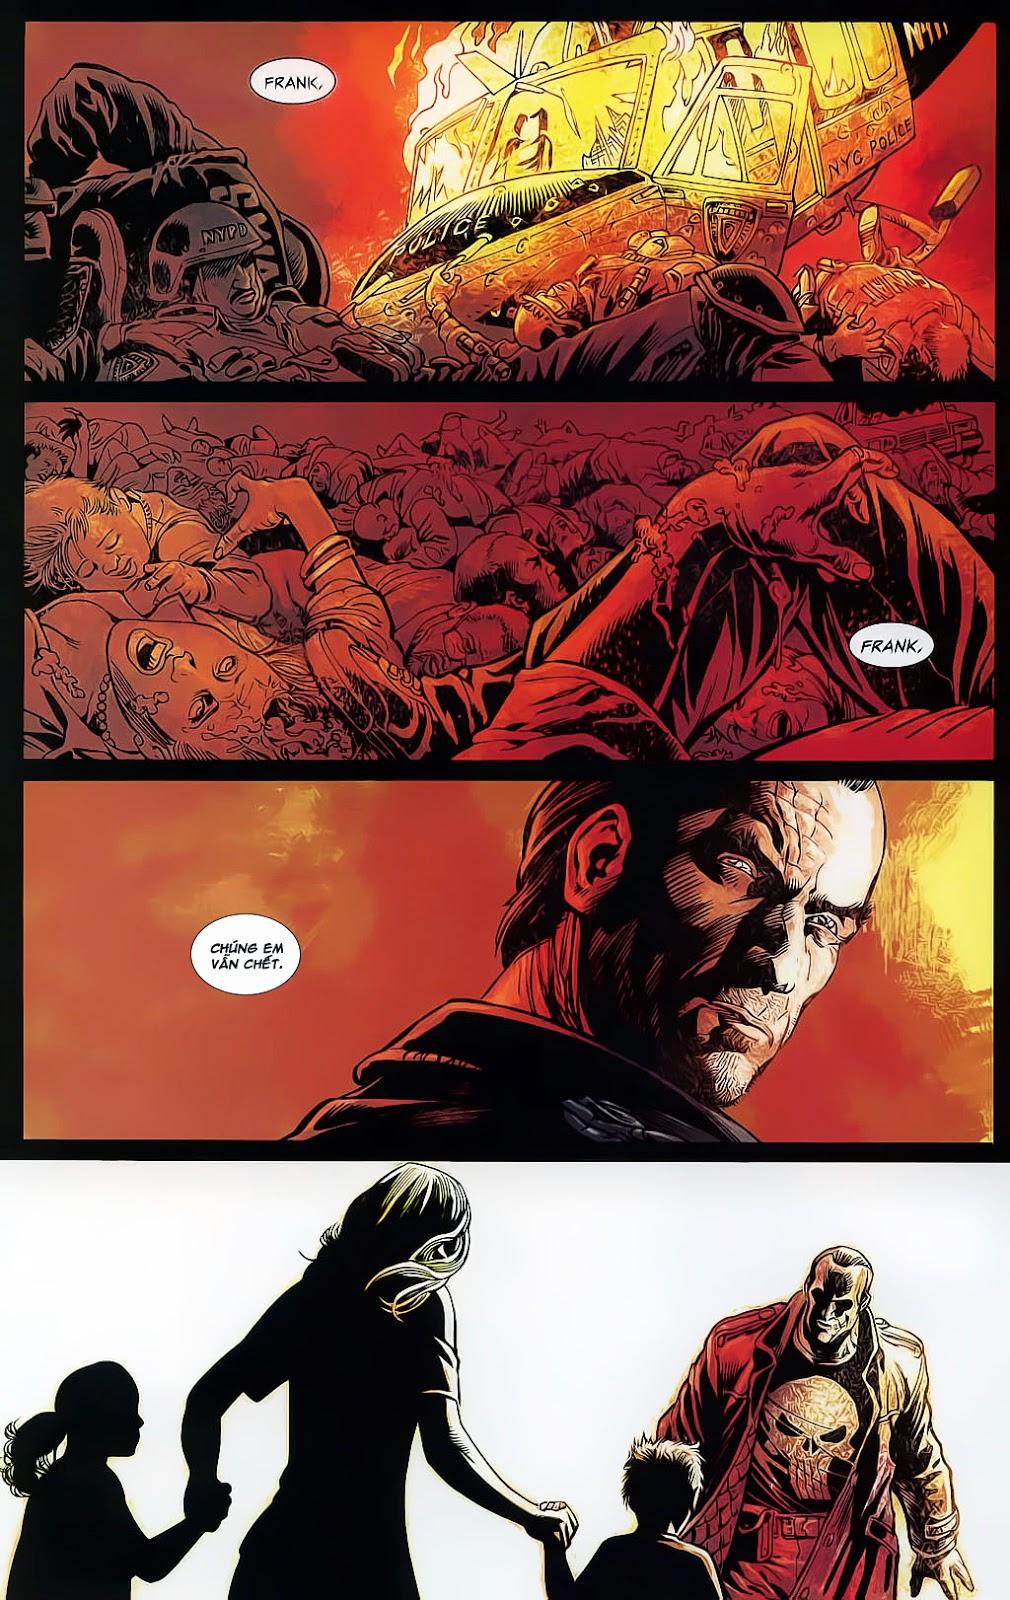 The Punisher: Trên là Dưới & Trắng là Đen chap 4 - Trang 7